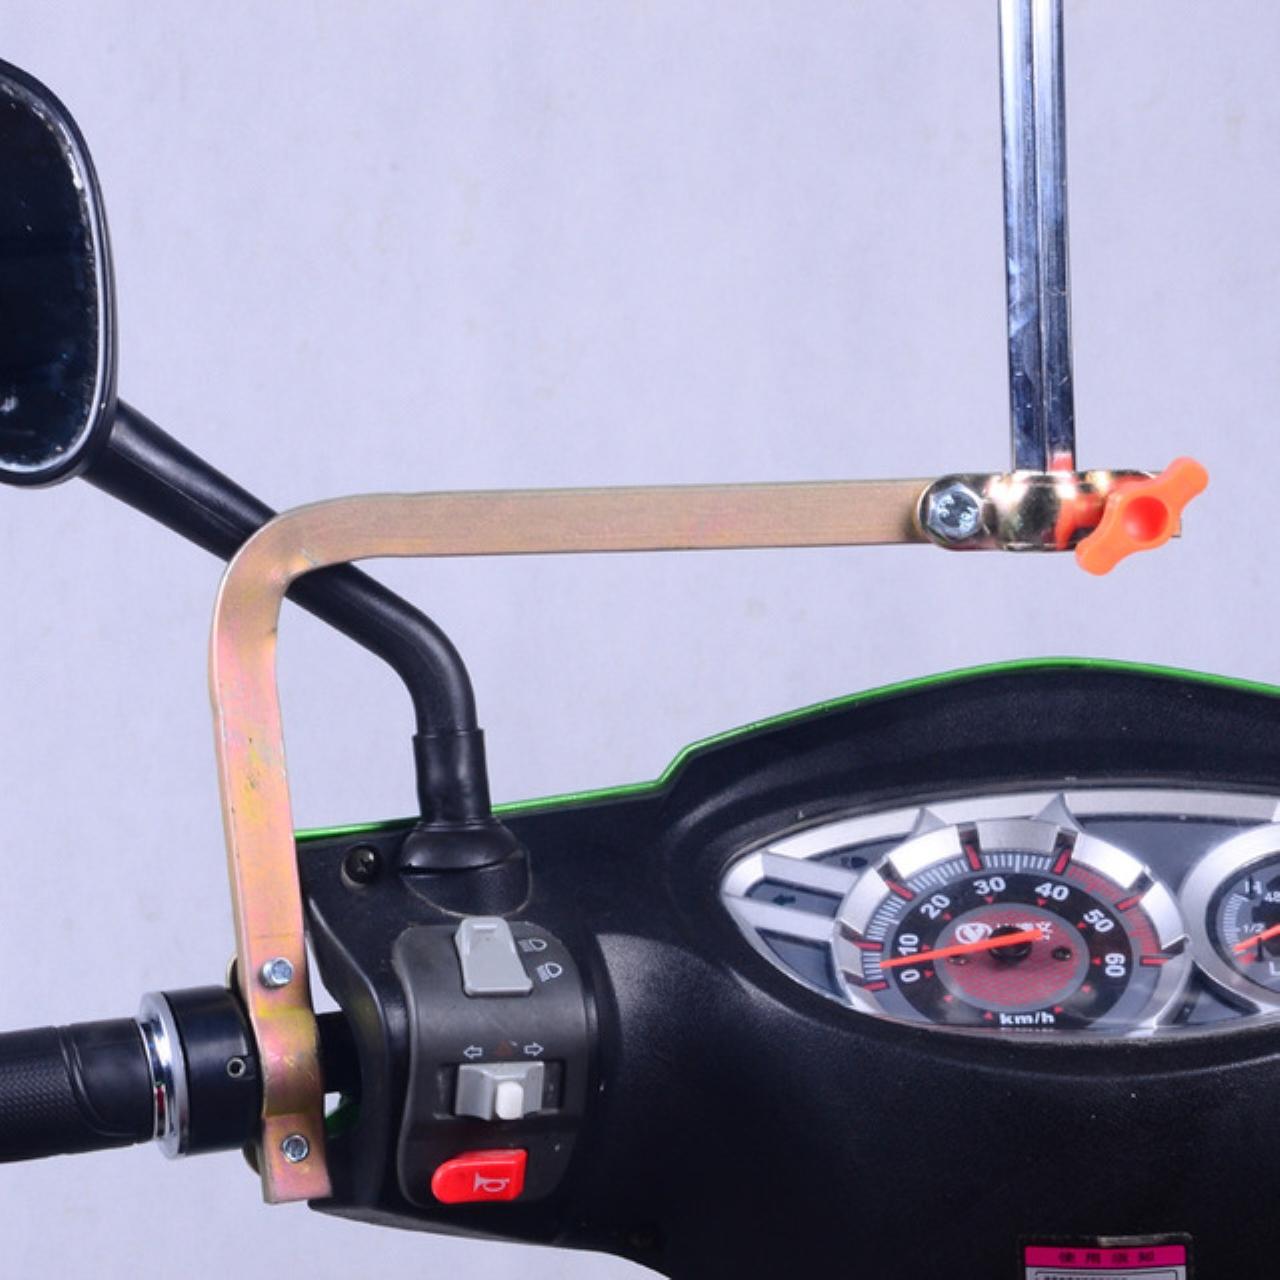 Кореной зонтик твердый стоять бесплатная доставка электромобиль зонт стоять аккумуляторная батарея автомобиль педаль мотоцикл велосипед три